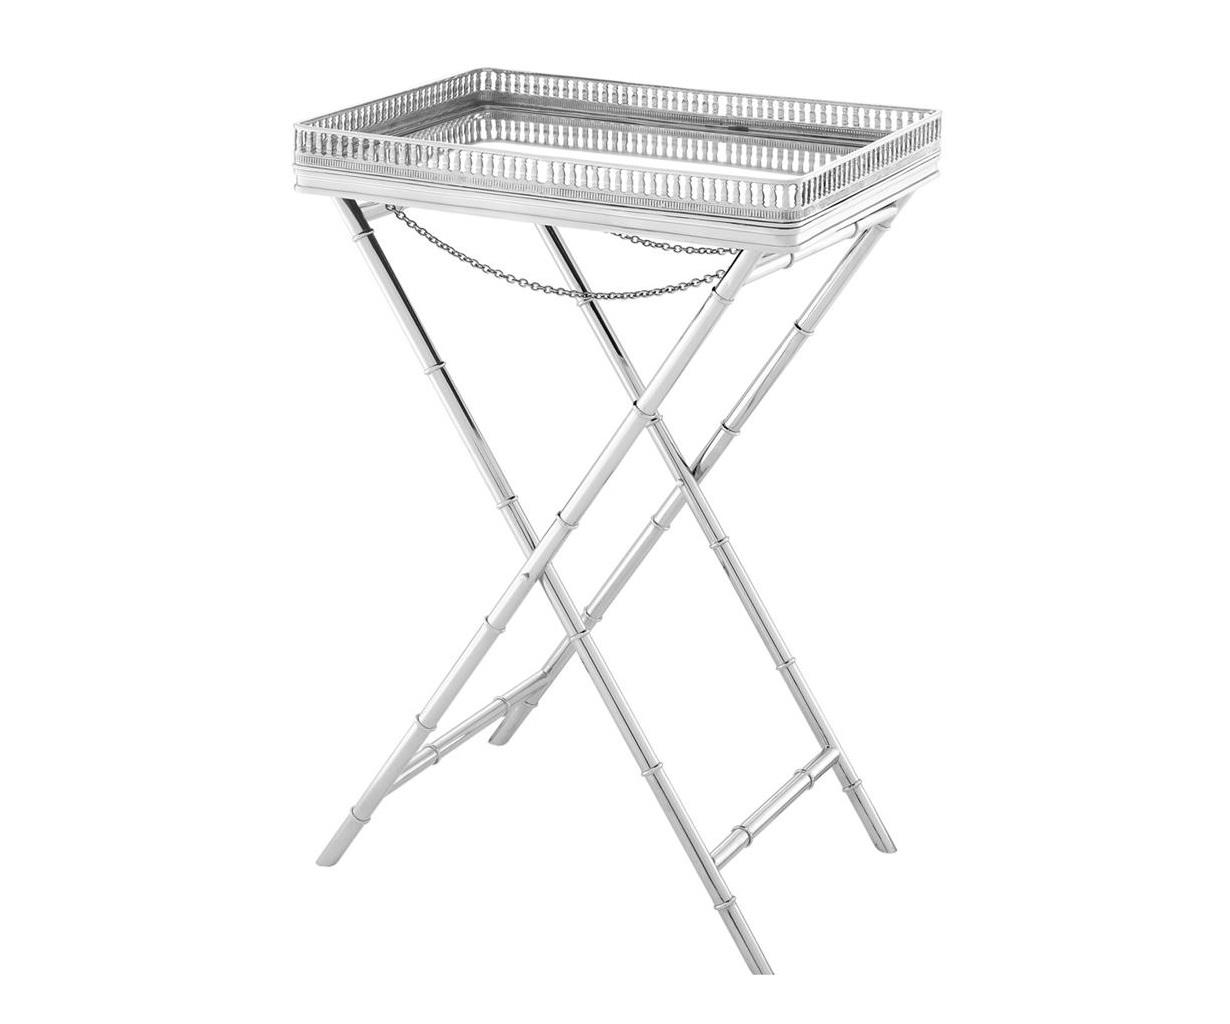 Столик Butler Tray IsolaСервировочные столики<br><br><br>Material: Металл<br>Ширина см: 61<br>Высота см: 87<br>Глубина см: 43